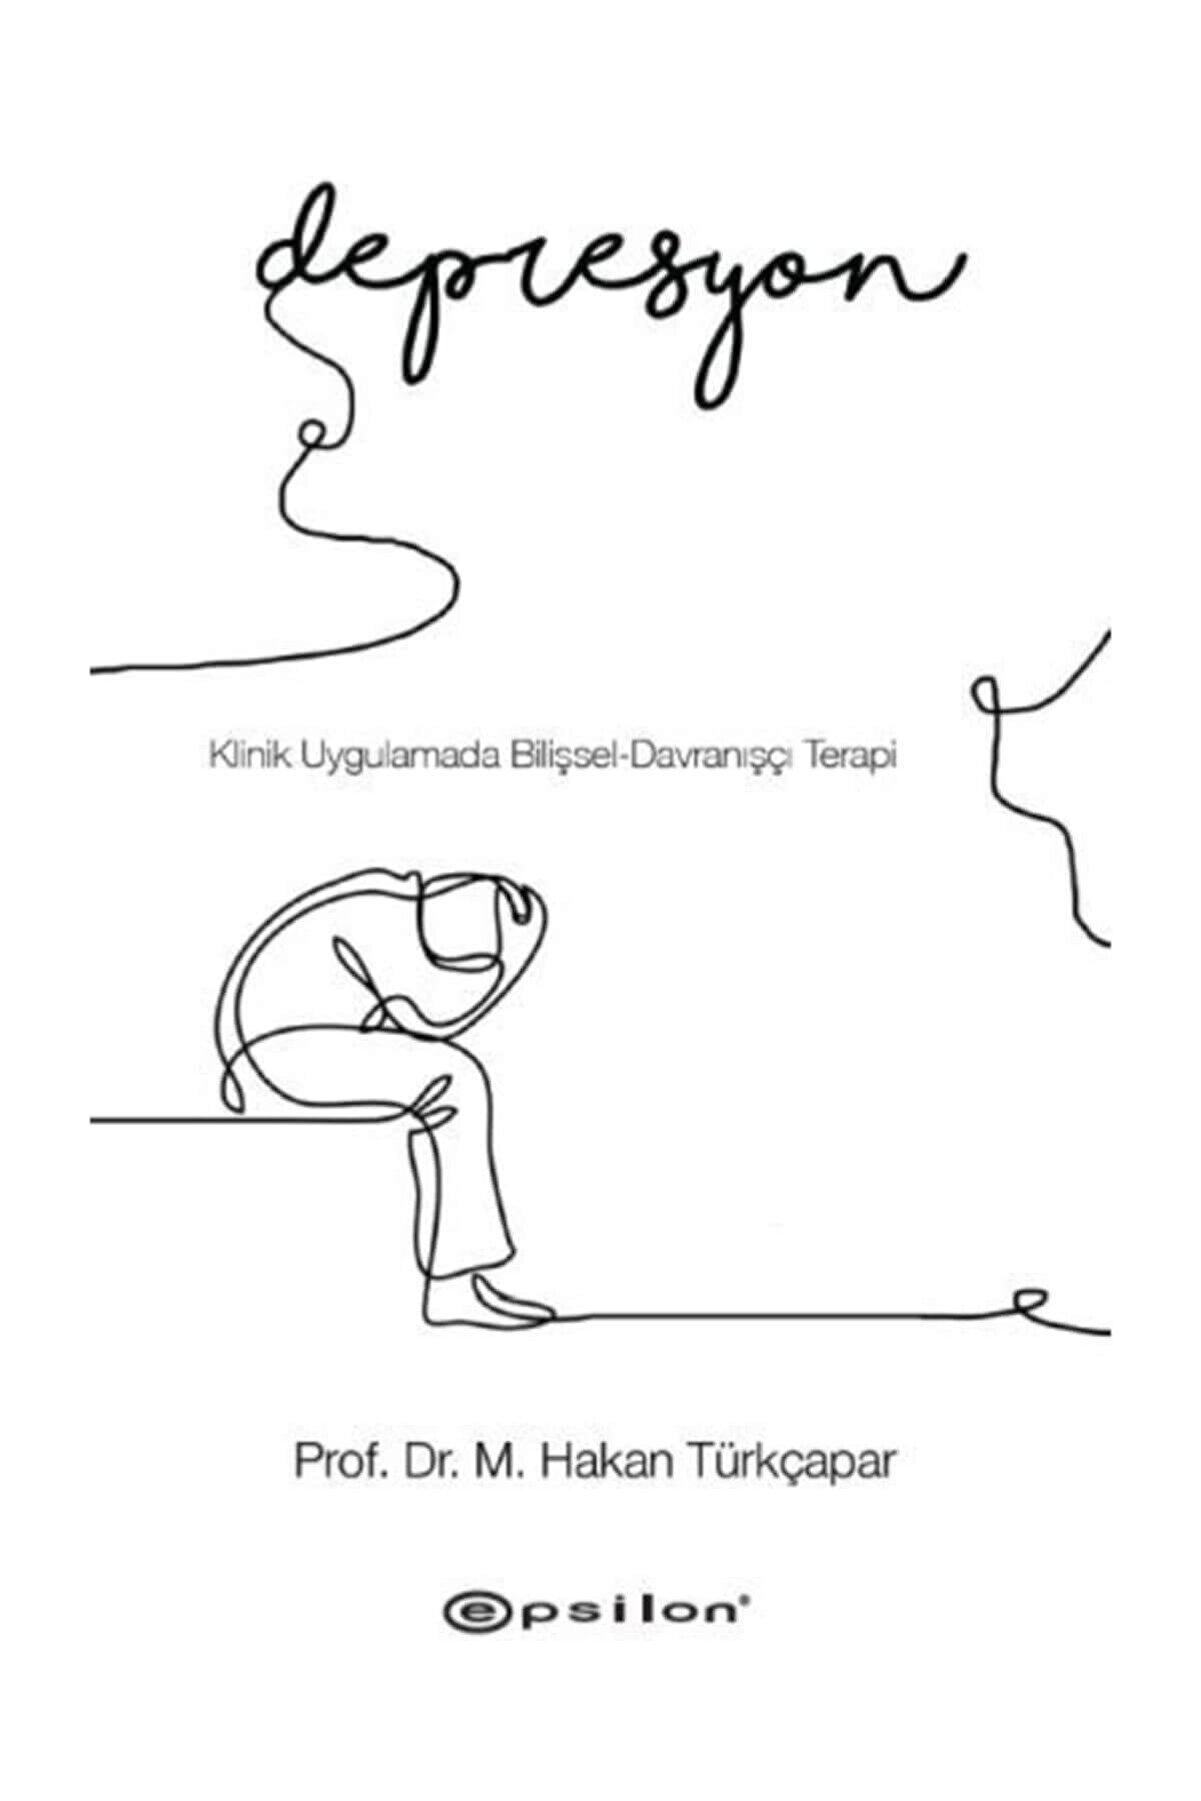 Epsilon Yayınları Klinik Uygulamada Bilişsel-davranışçı Terapi: Depresyon